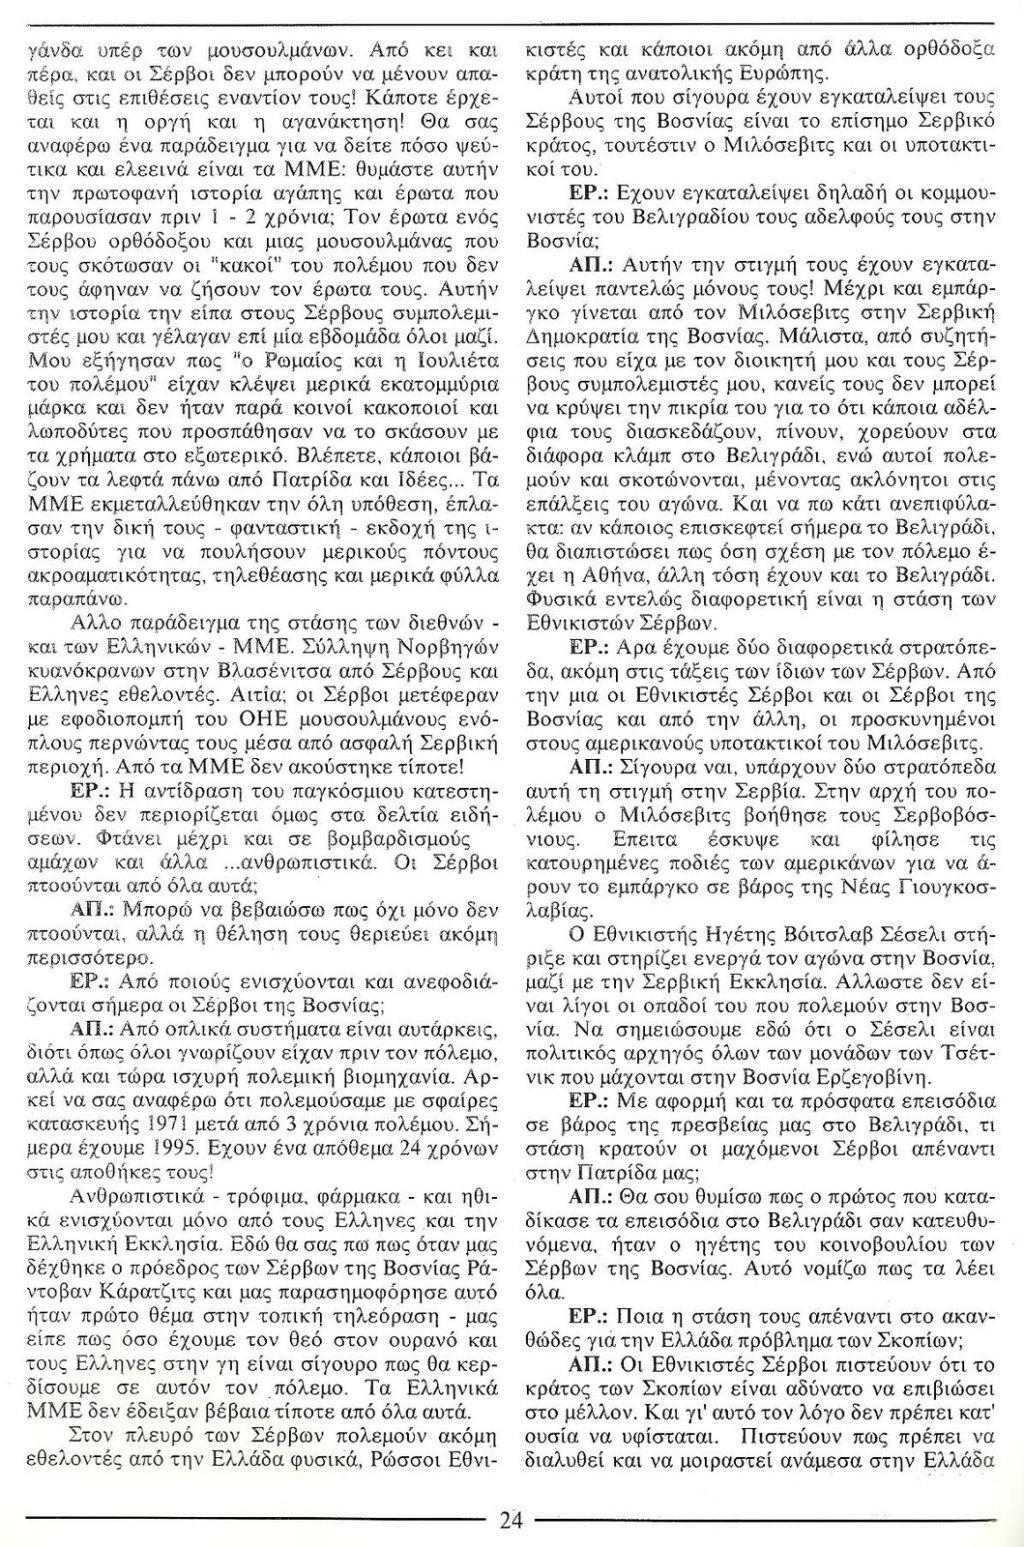 ΔΚ, Πολεμώντας στη Βοσνία, Περιοδικό Χρυσή Αυγή, τχ#088, Σεπτέμβριος 1995, σ. 24